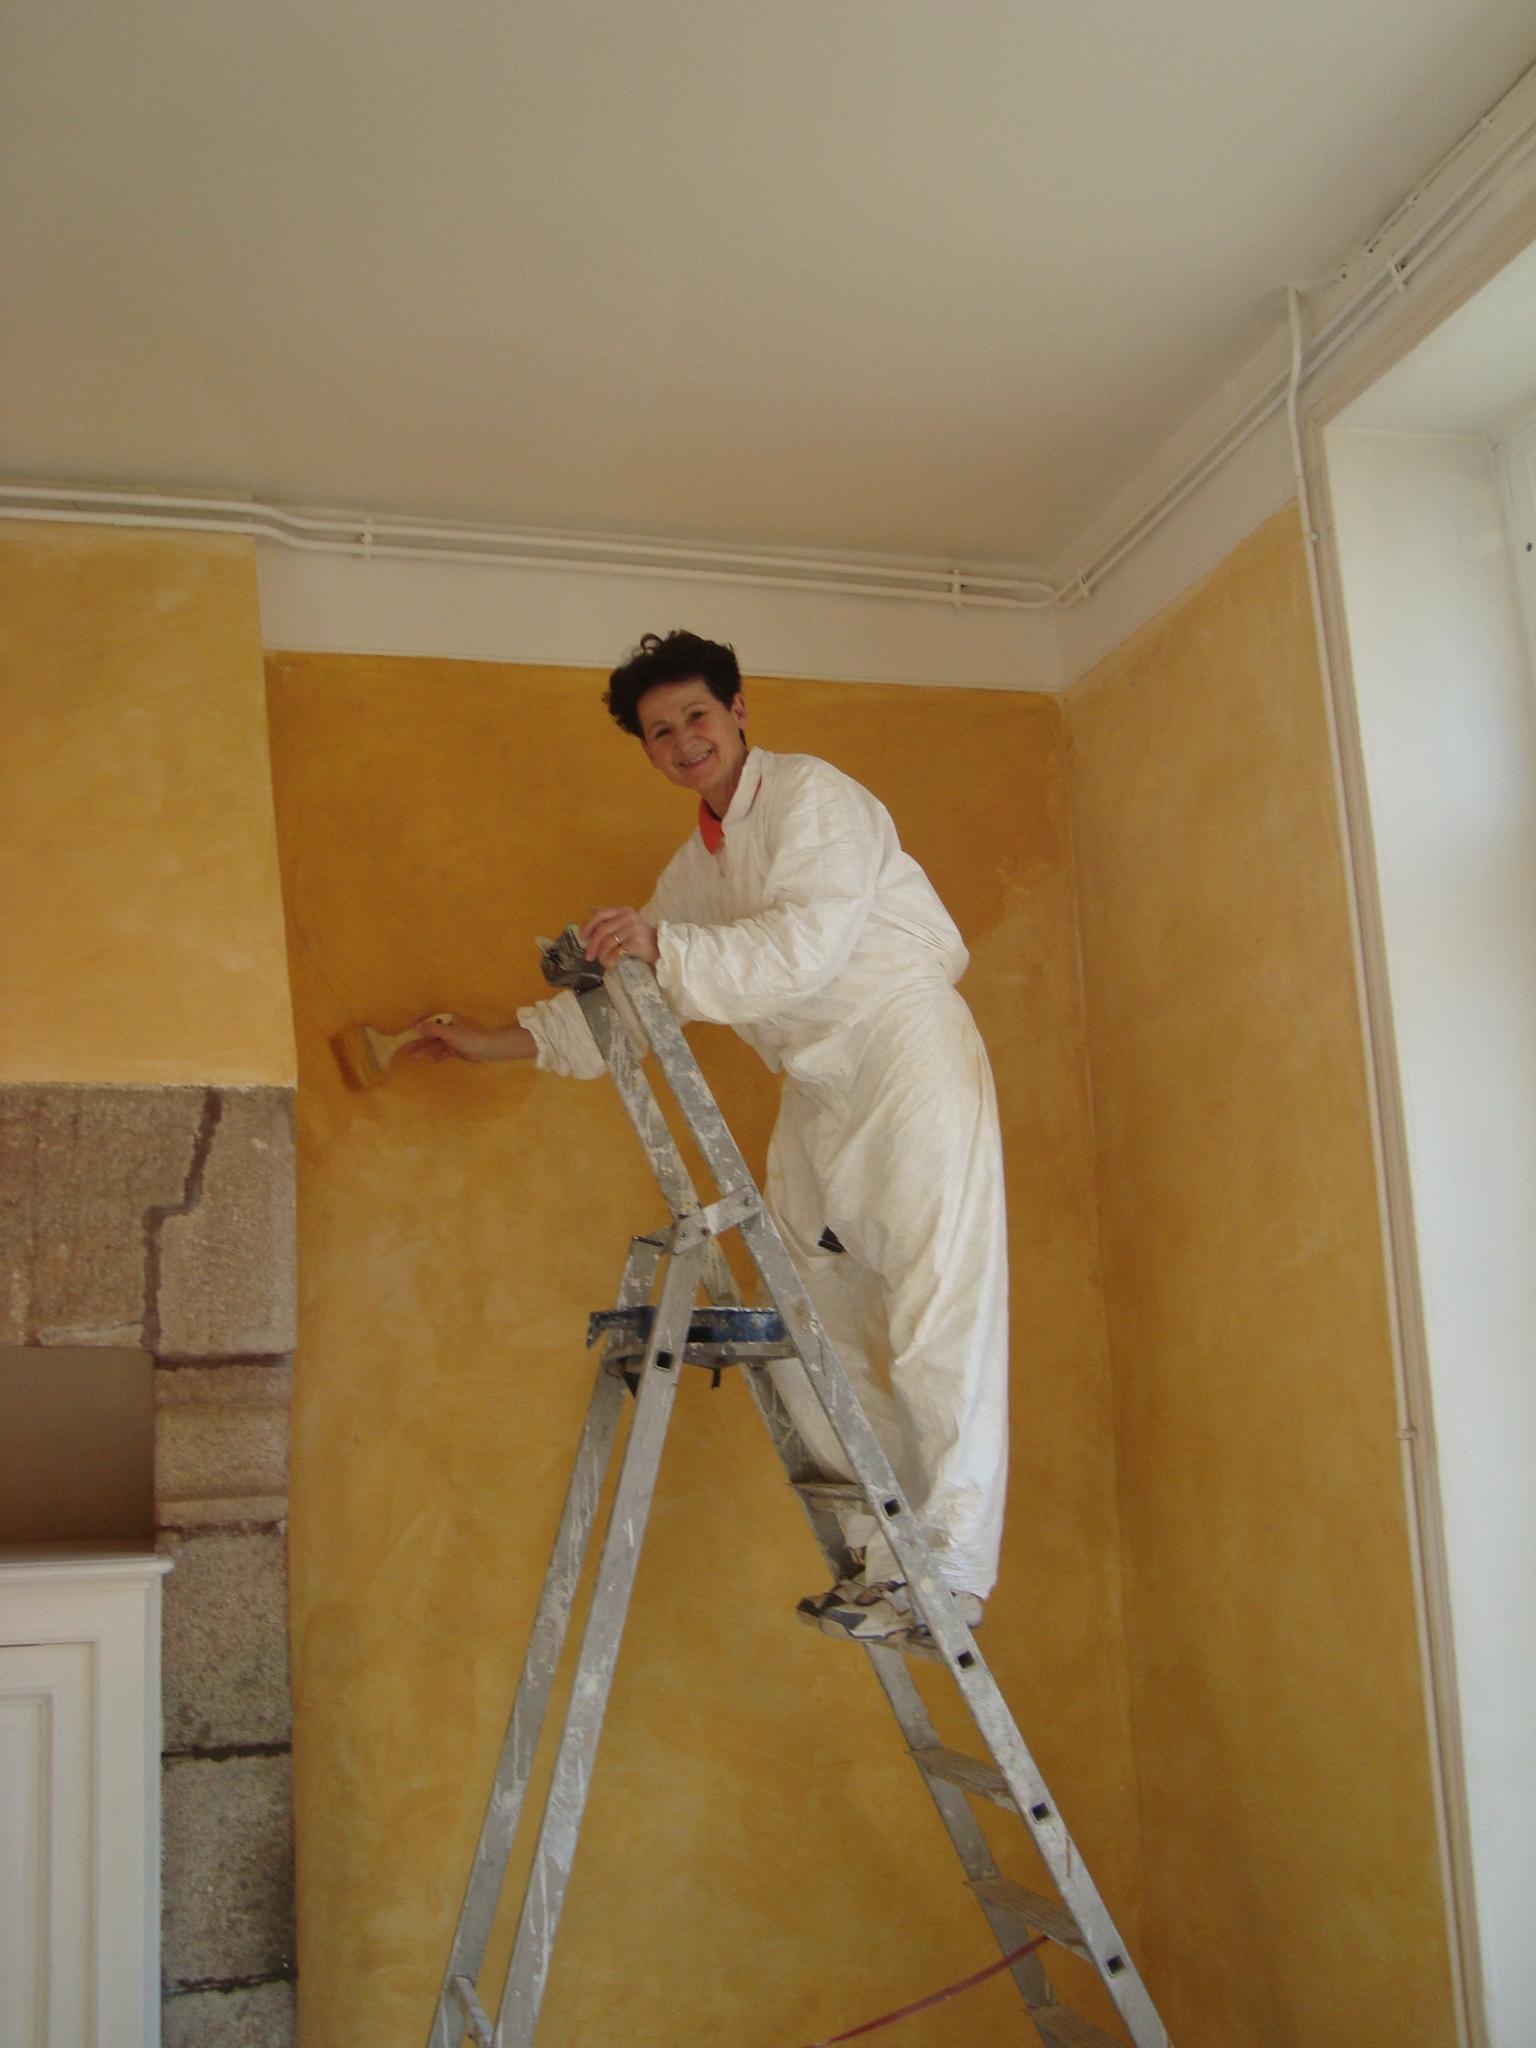 Le blog d' ambiance deco, conseil en décoration d'intérieur: mars 2011